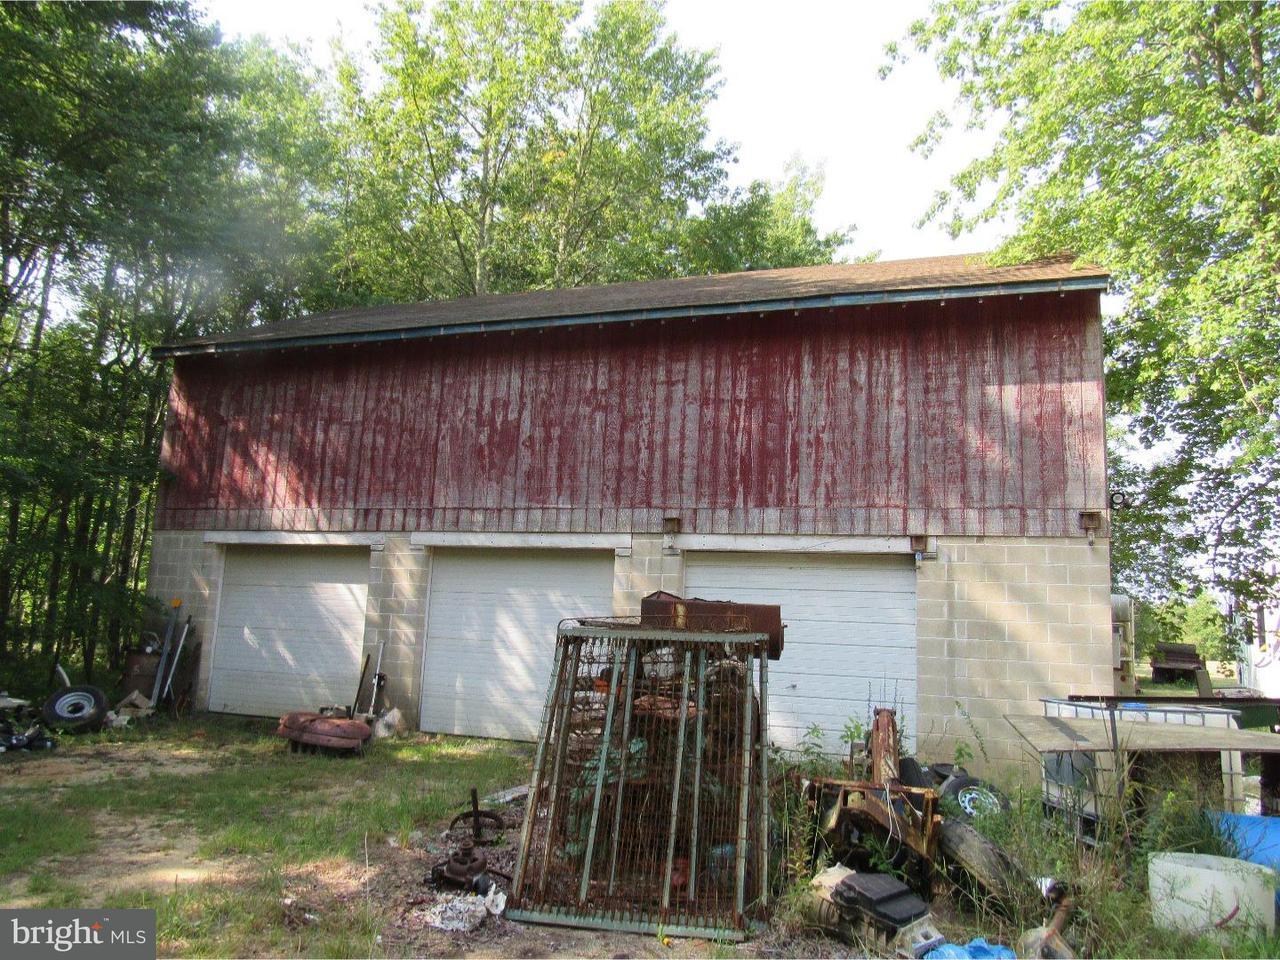 Частный односемейный дом для того Продажа на 4553 ROUTE 47 Delmont, Нью-Джерси 08314 Соединенные Штаты